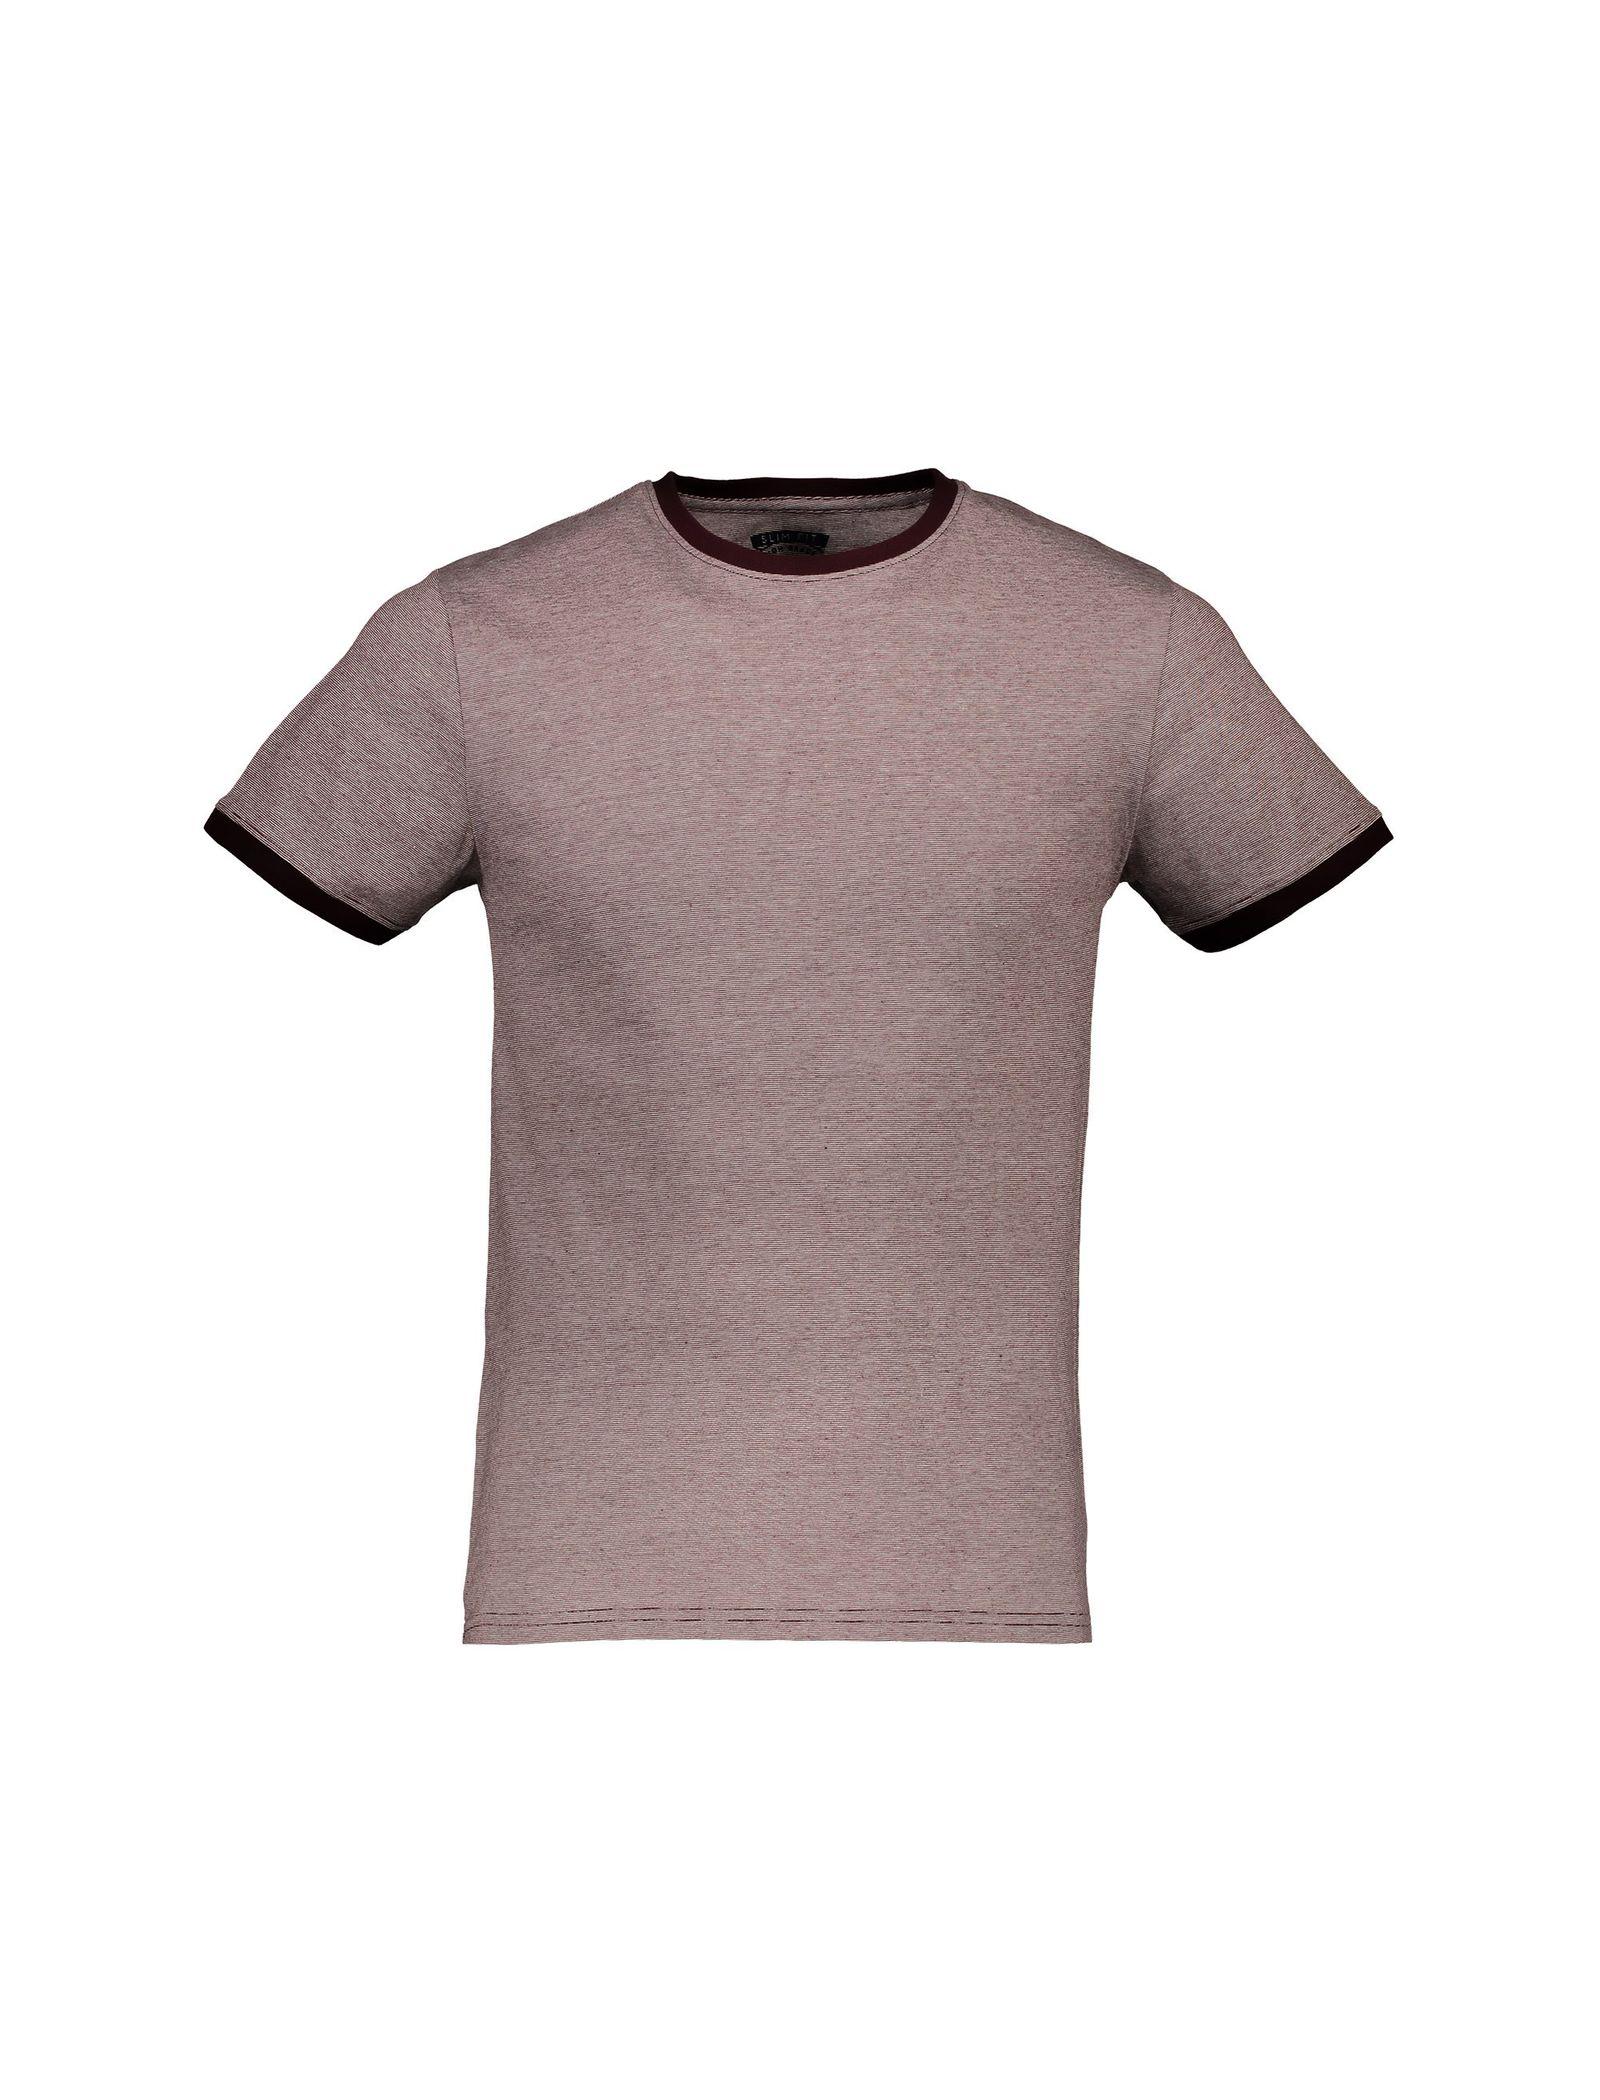 تی شرت نخی یقه گرد مردانه - رد هرینگ - زرشکي - 1